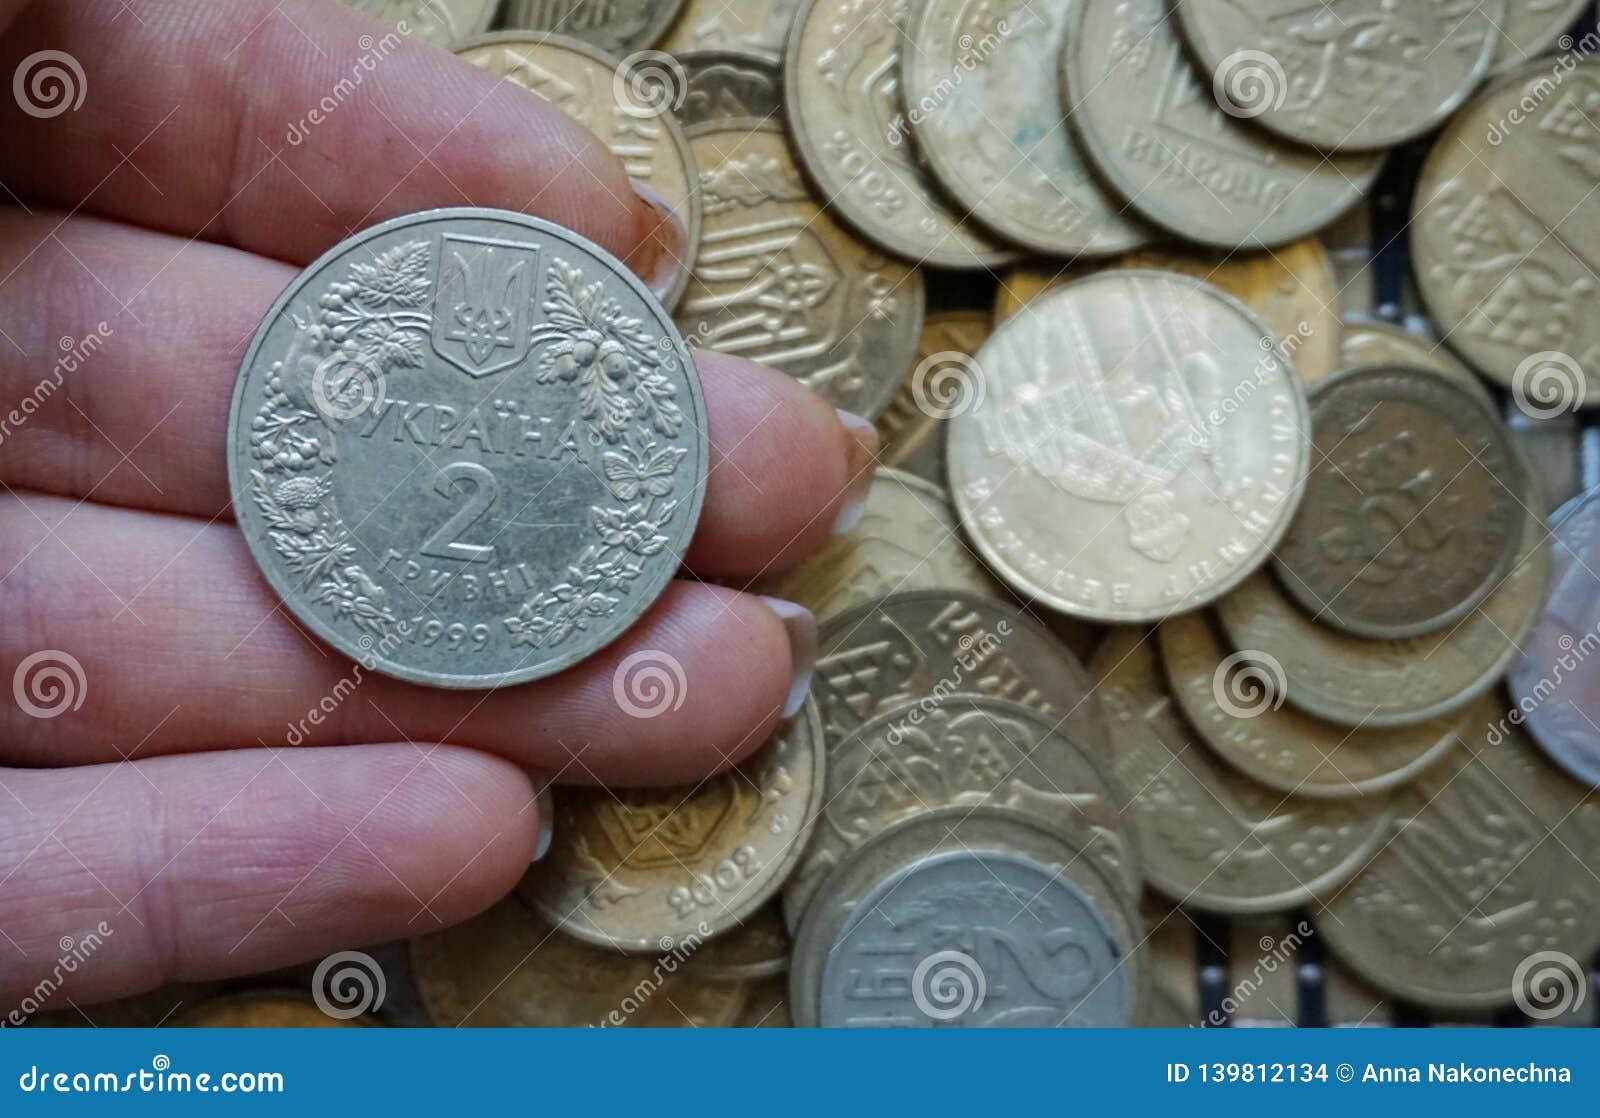 Ukrainische Münzen in den Bezeichnungen von 1 hryvnia und von anderen, falteten sich in einem Dia Eagle und Endstücke